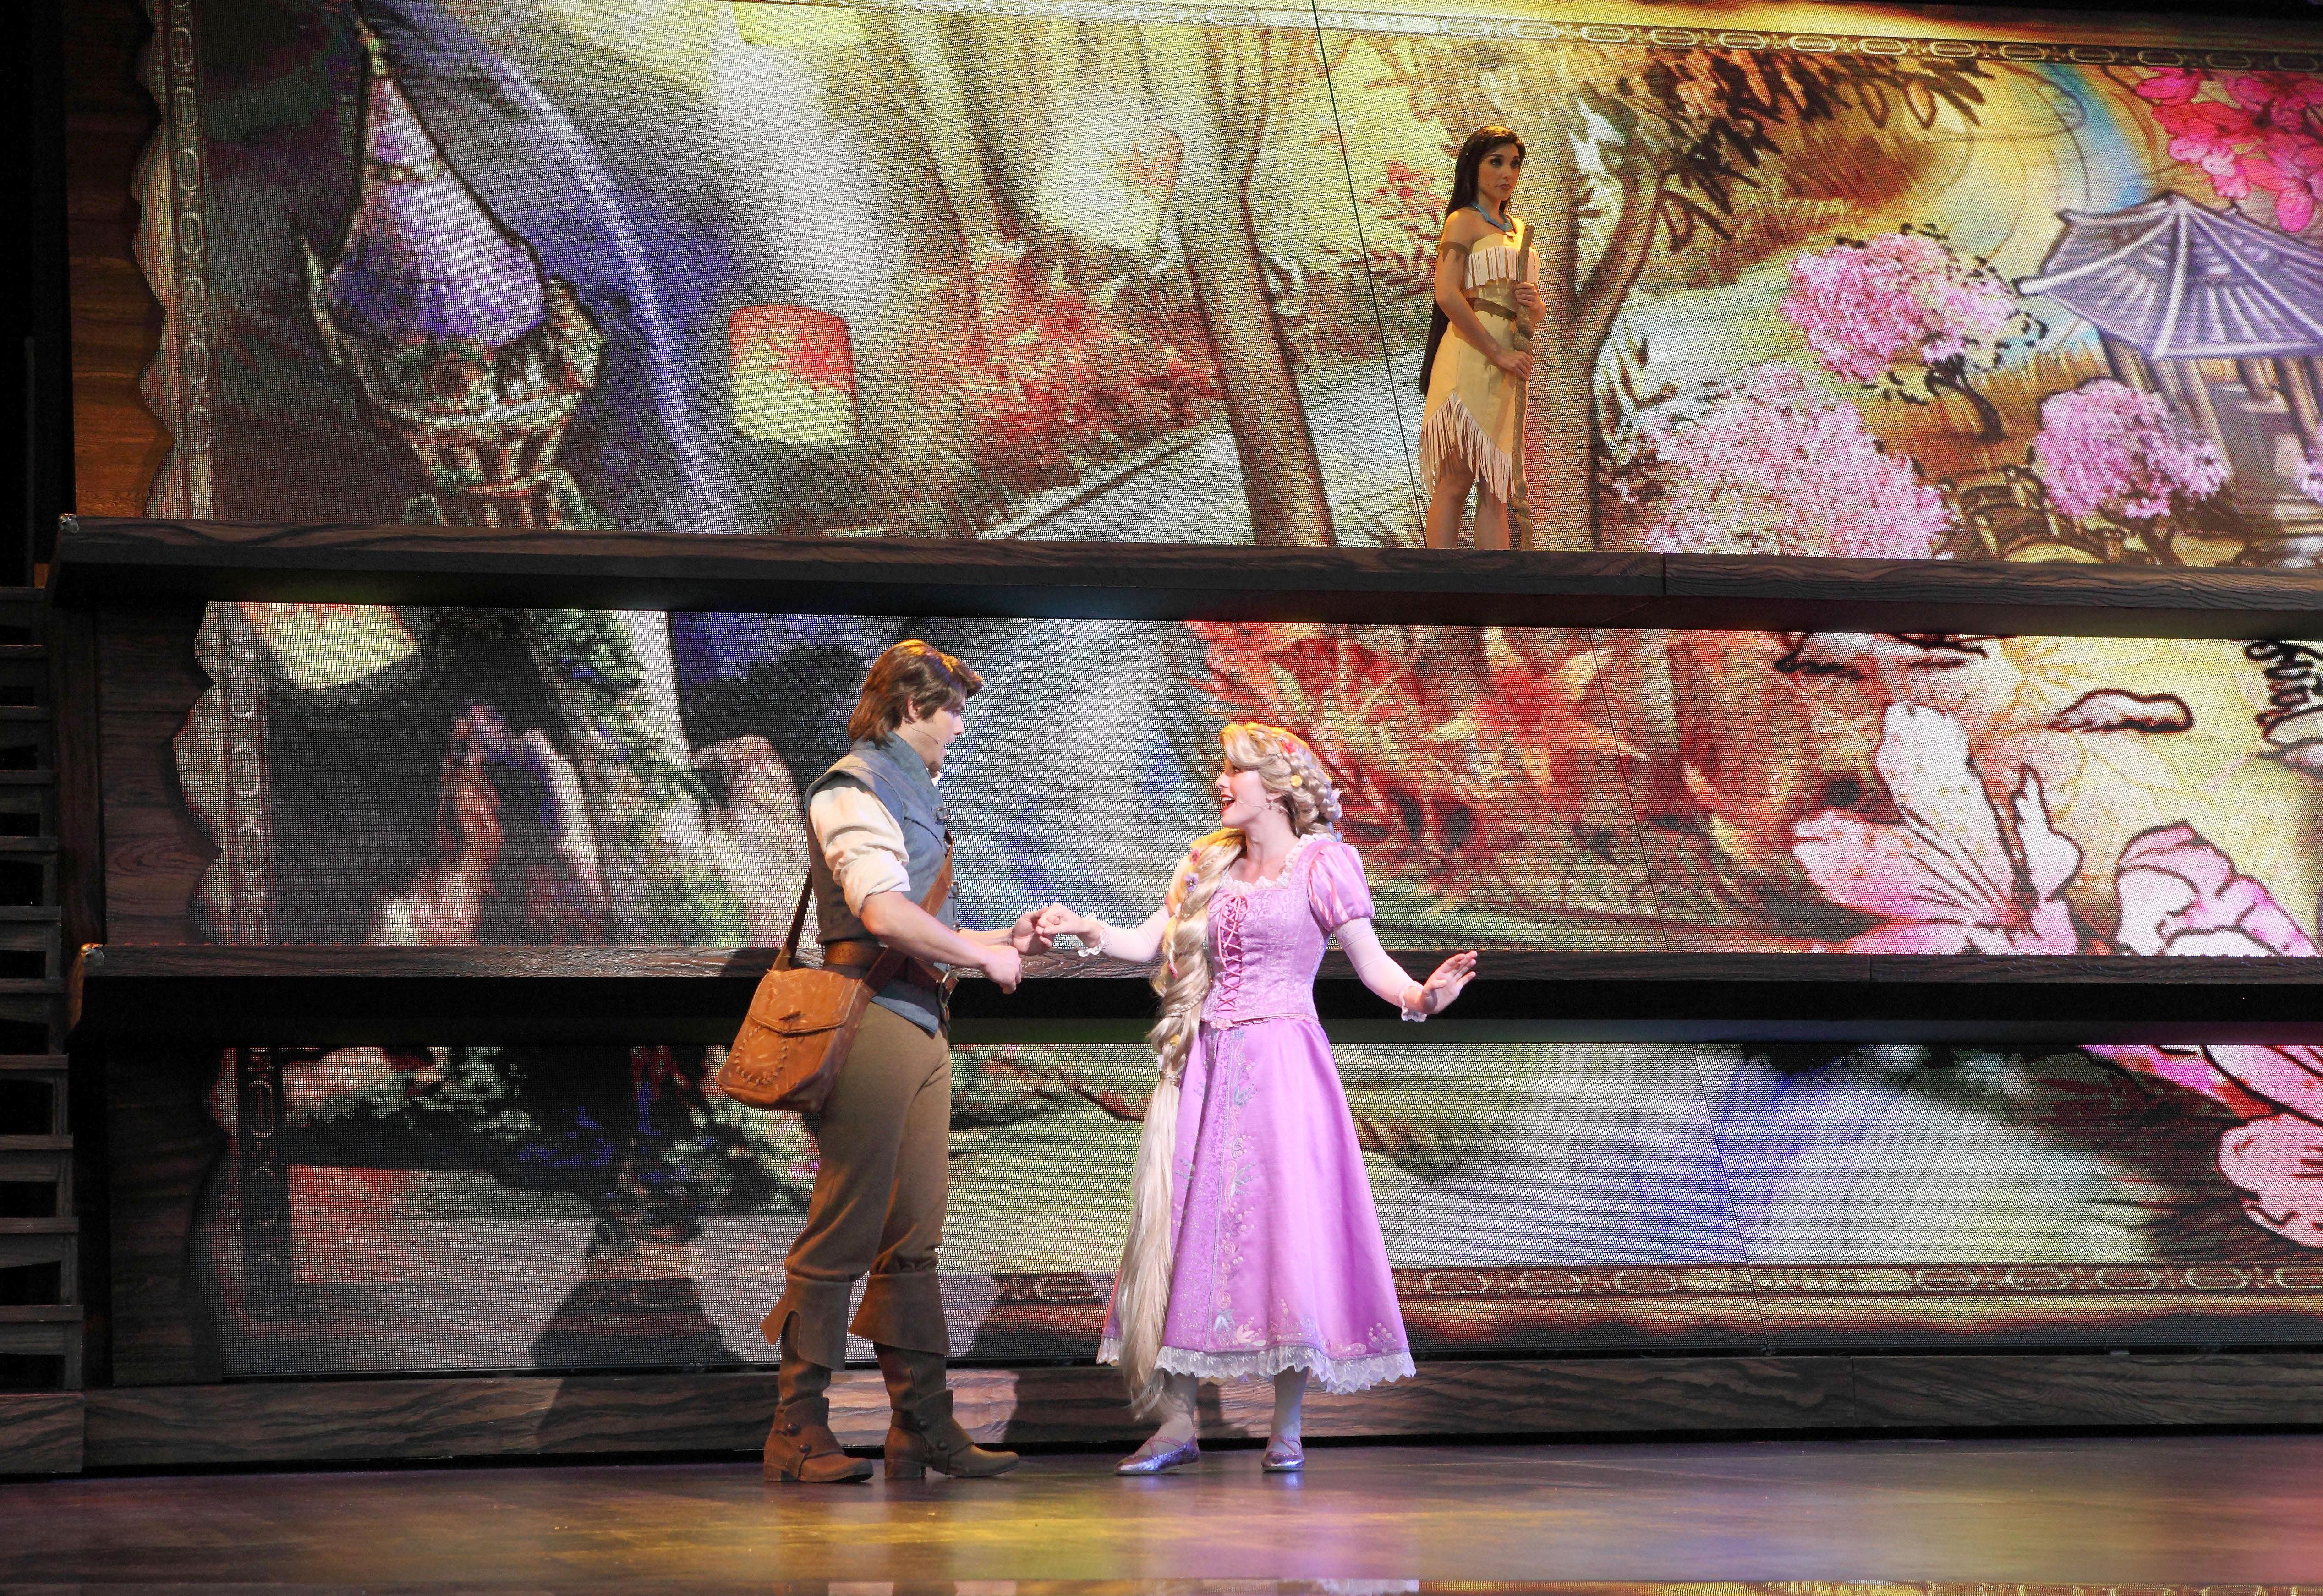 20561da632 Rapunzel (Disney) - Wikipedia